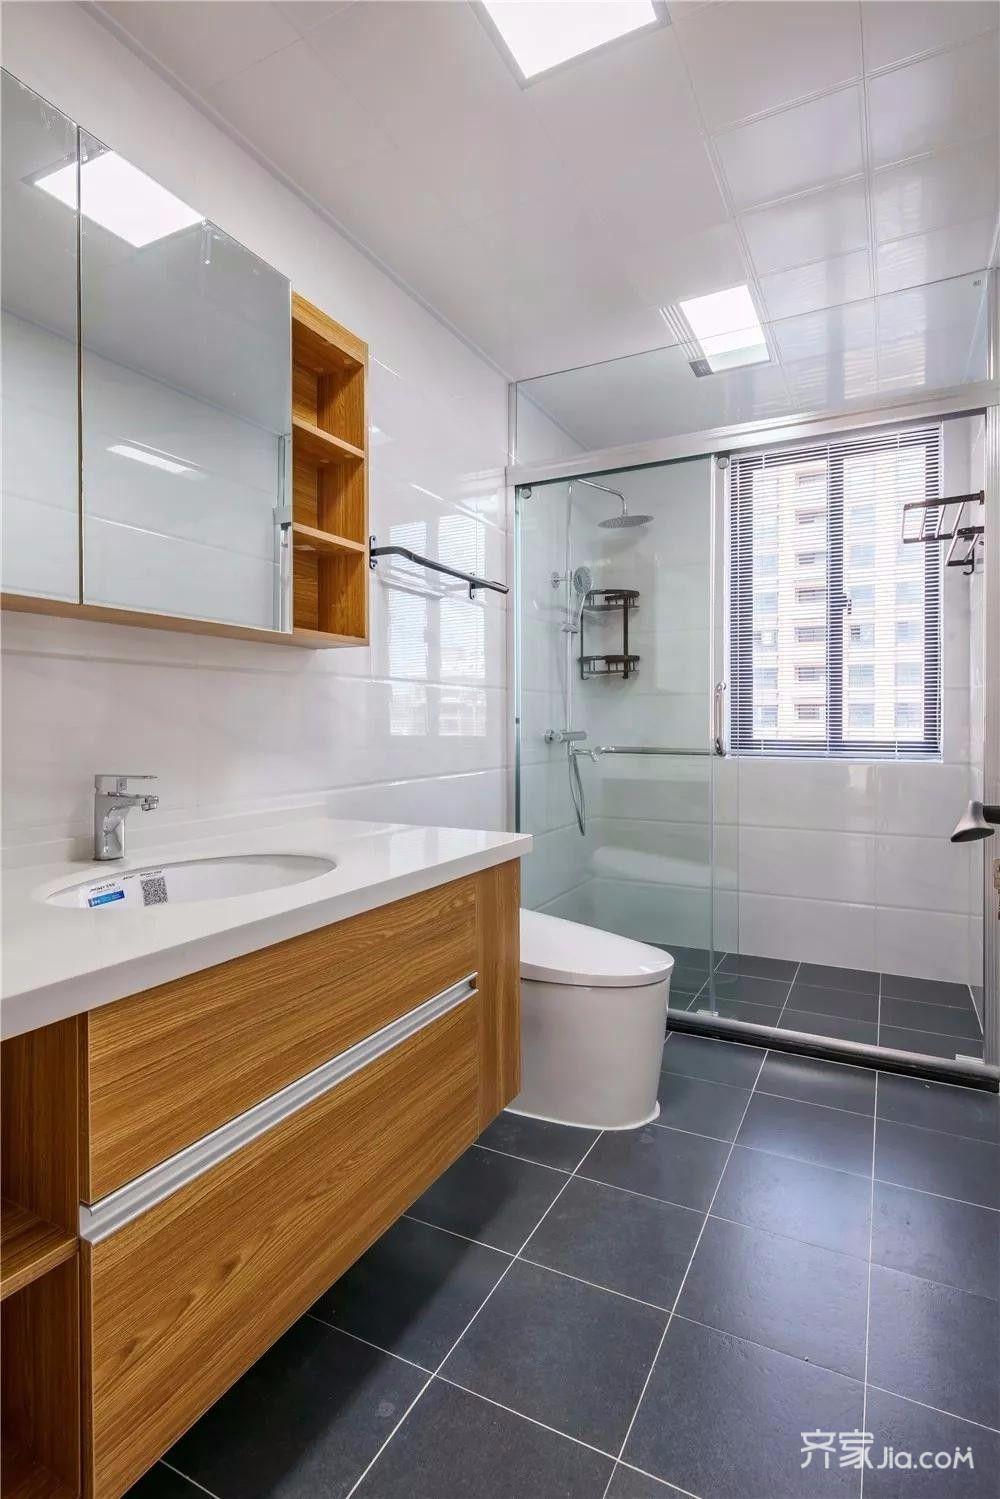 简约风格两居室装修卫生间效果图